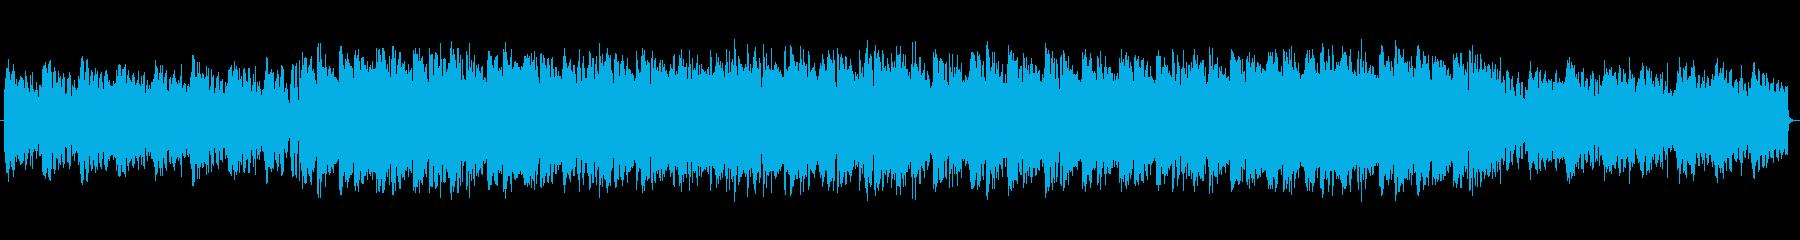 LofiエレピBGMの再生済みの波形